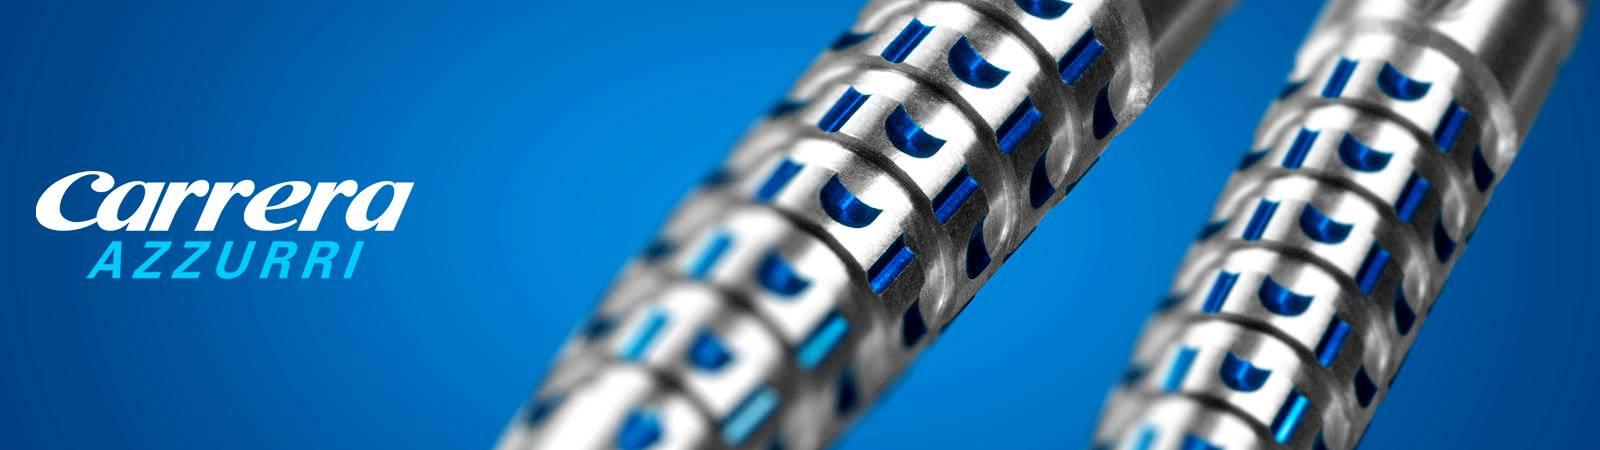 Target Carrera Azzurri Steeldarts